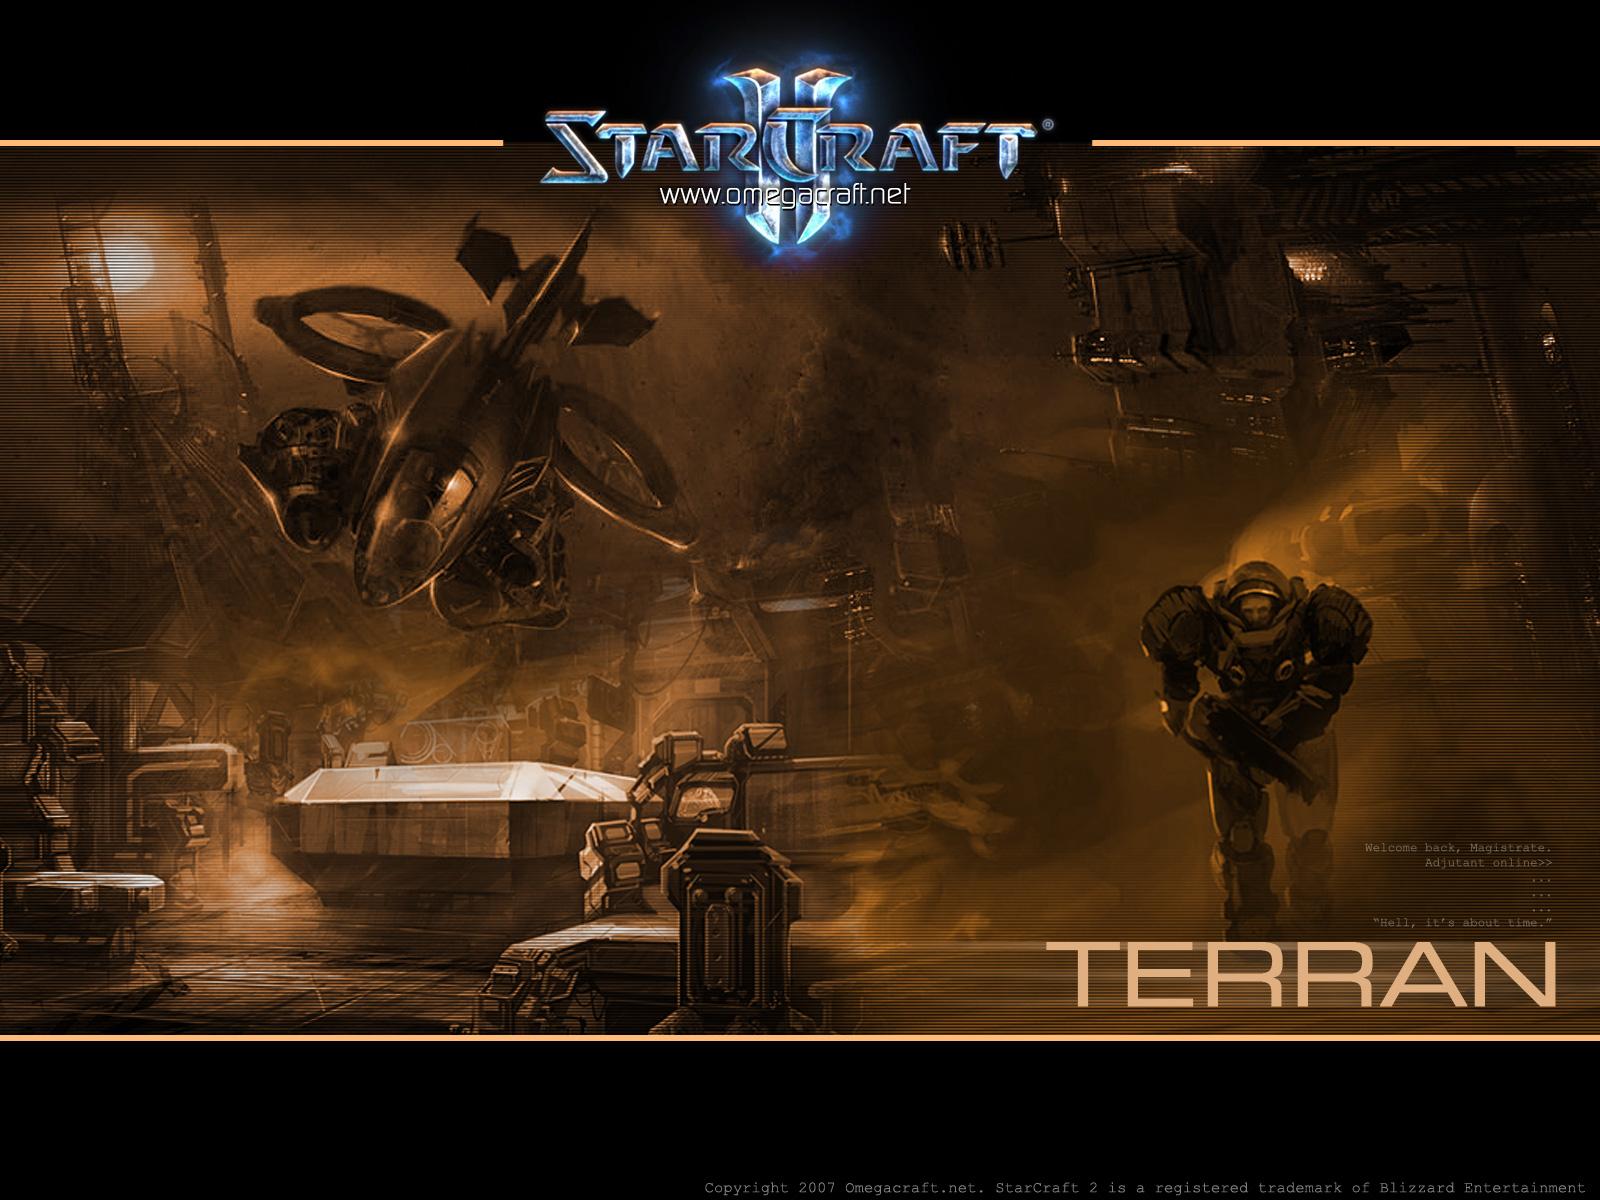 http://3.bp.blogspot.com/_Nr3PxkDpaBc/TLK2lR9d8dI/AAAAAAAAAGA/A25ixJY_Zvo/s1600/Starcraft_2_Terran_Wallpaper_by_maul.jpg